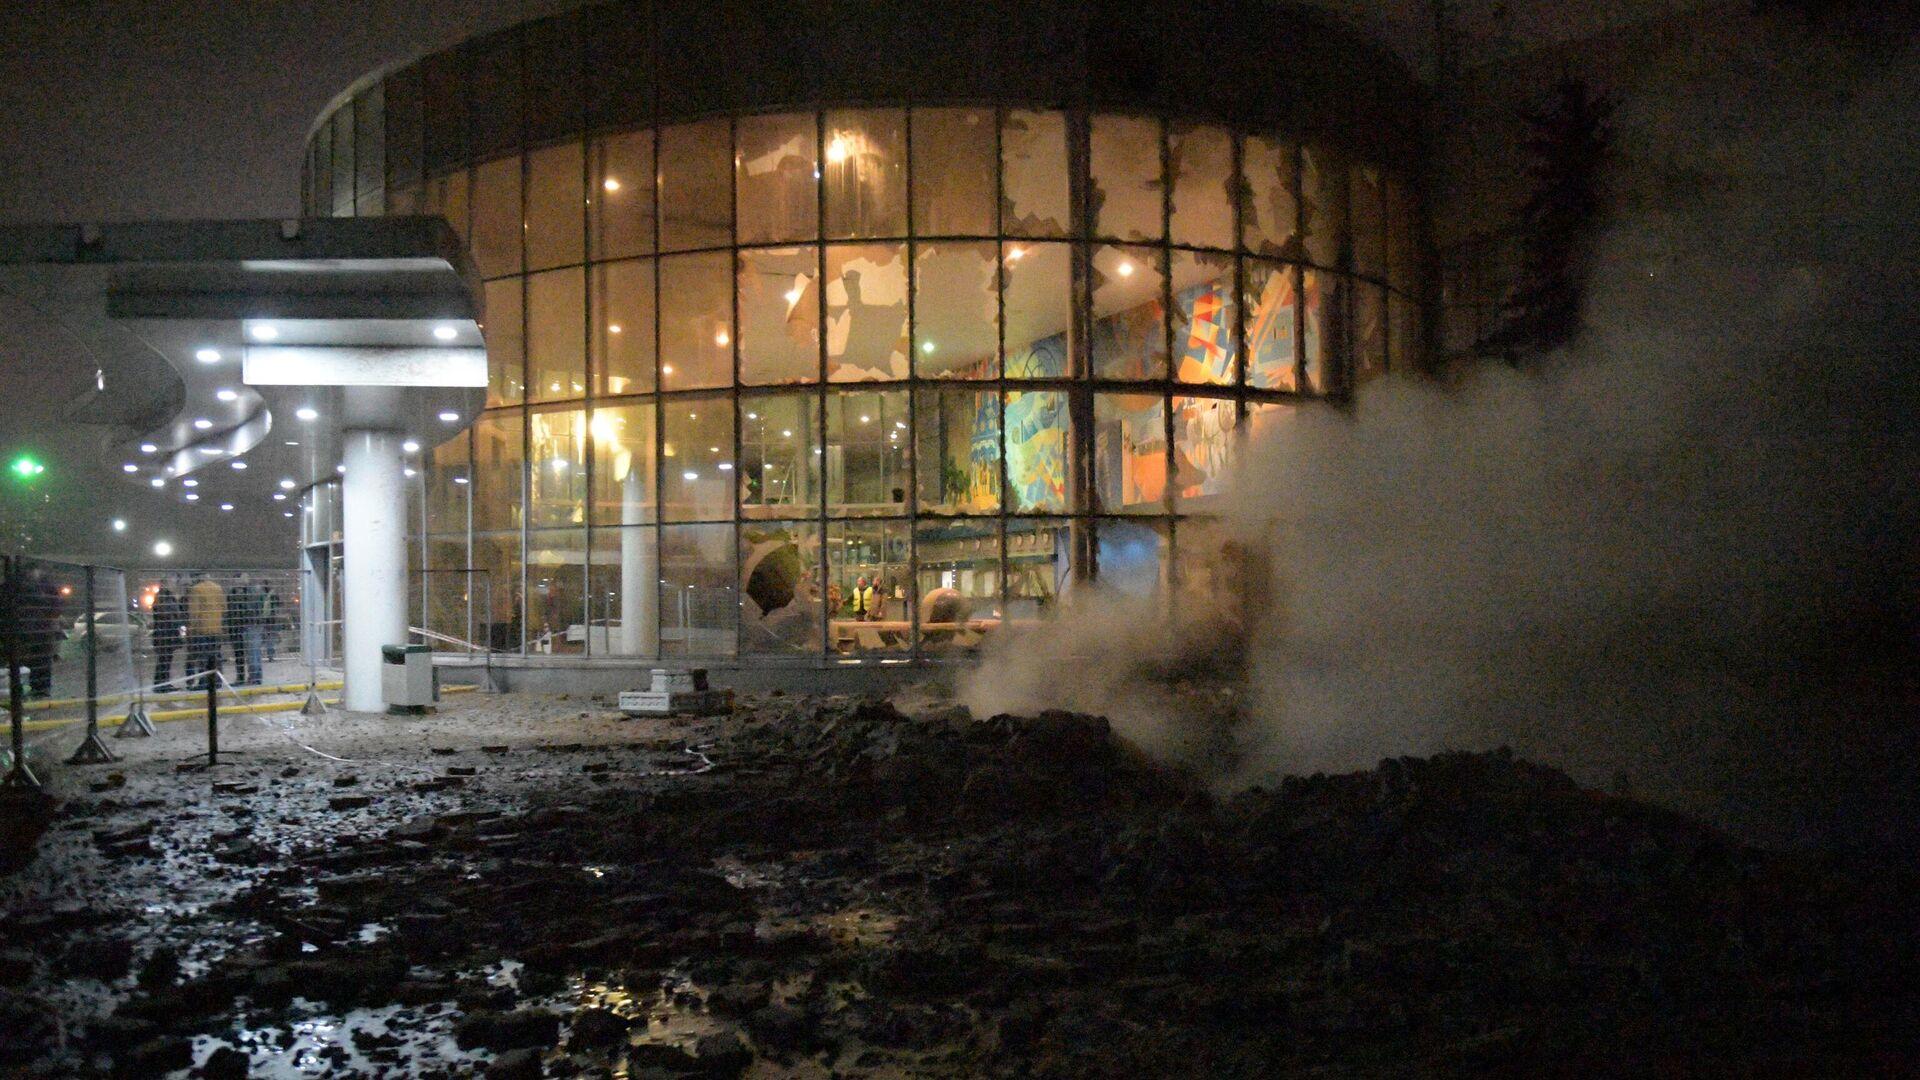 Стекла, выбитые в результате прорыва паропровода на территории завода пивоваренной компании Балтика в Санкт-Петербурге - РИА Новости, 1920, 11.11.2019